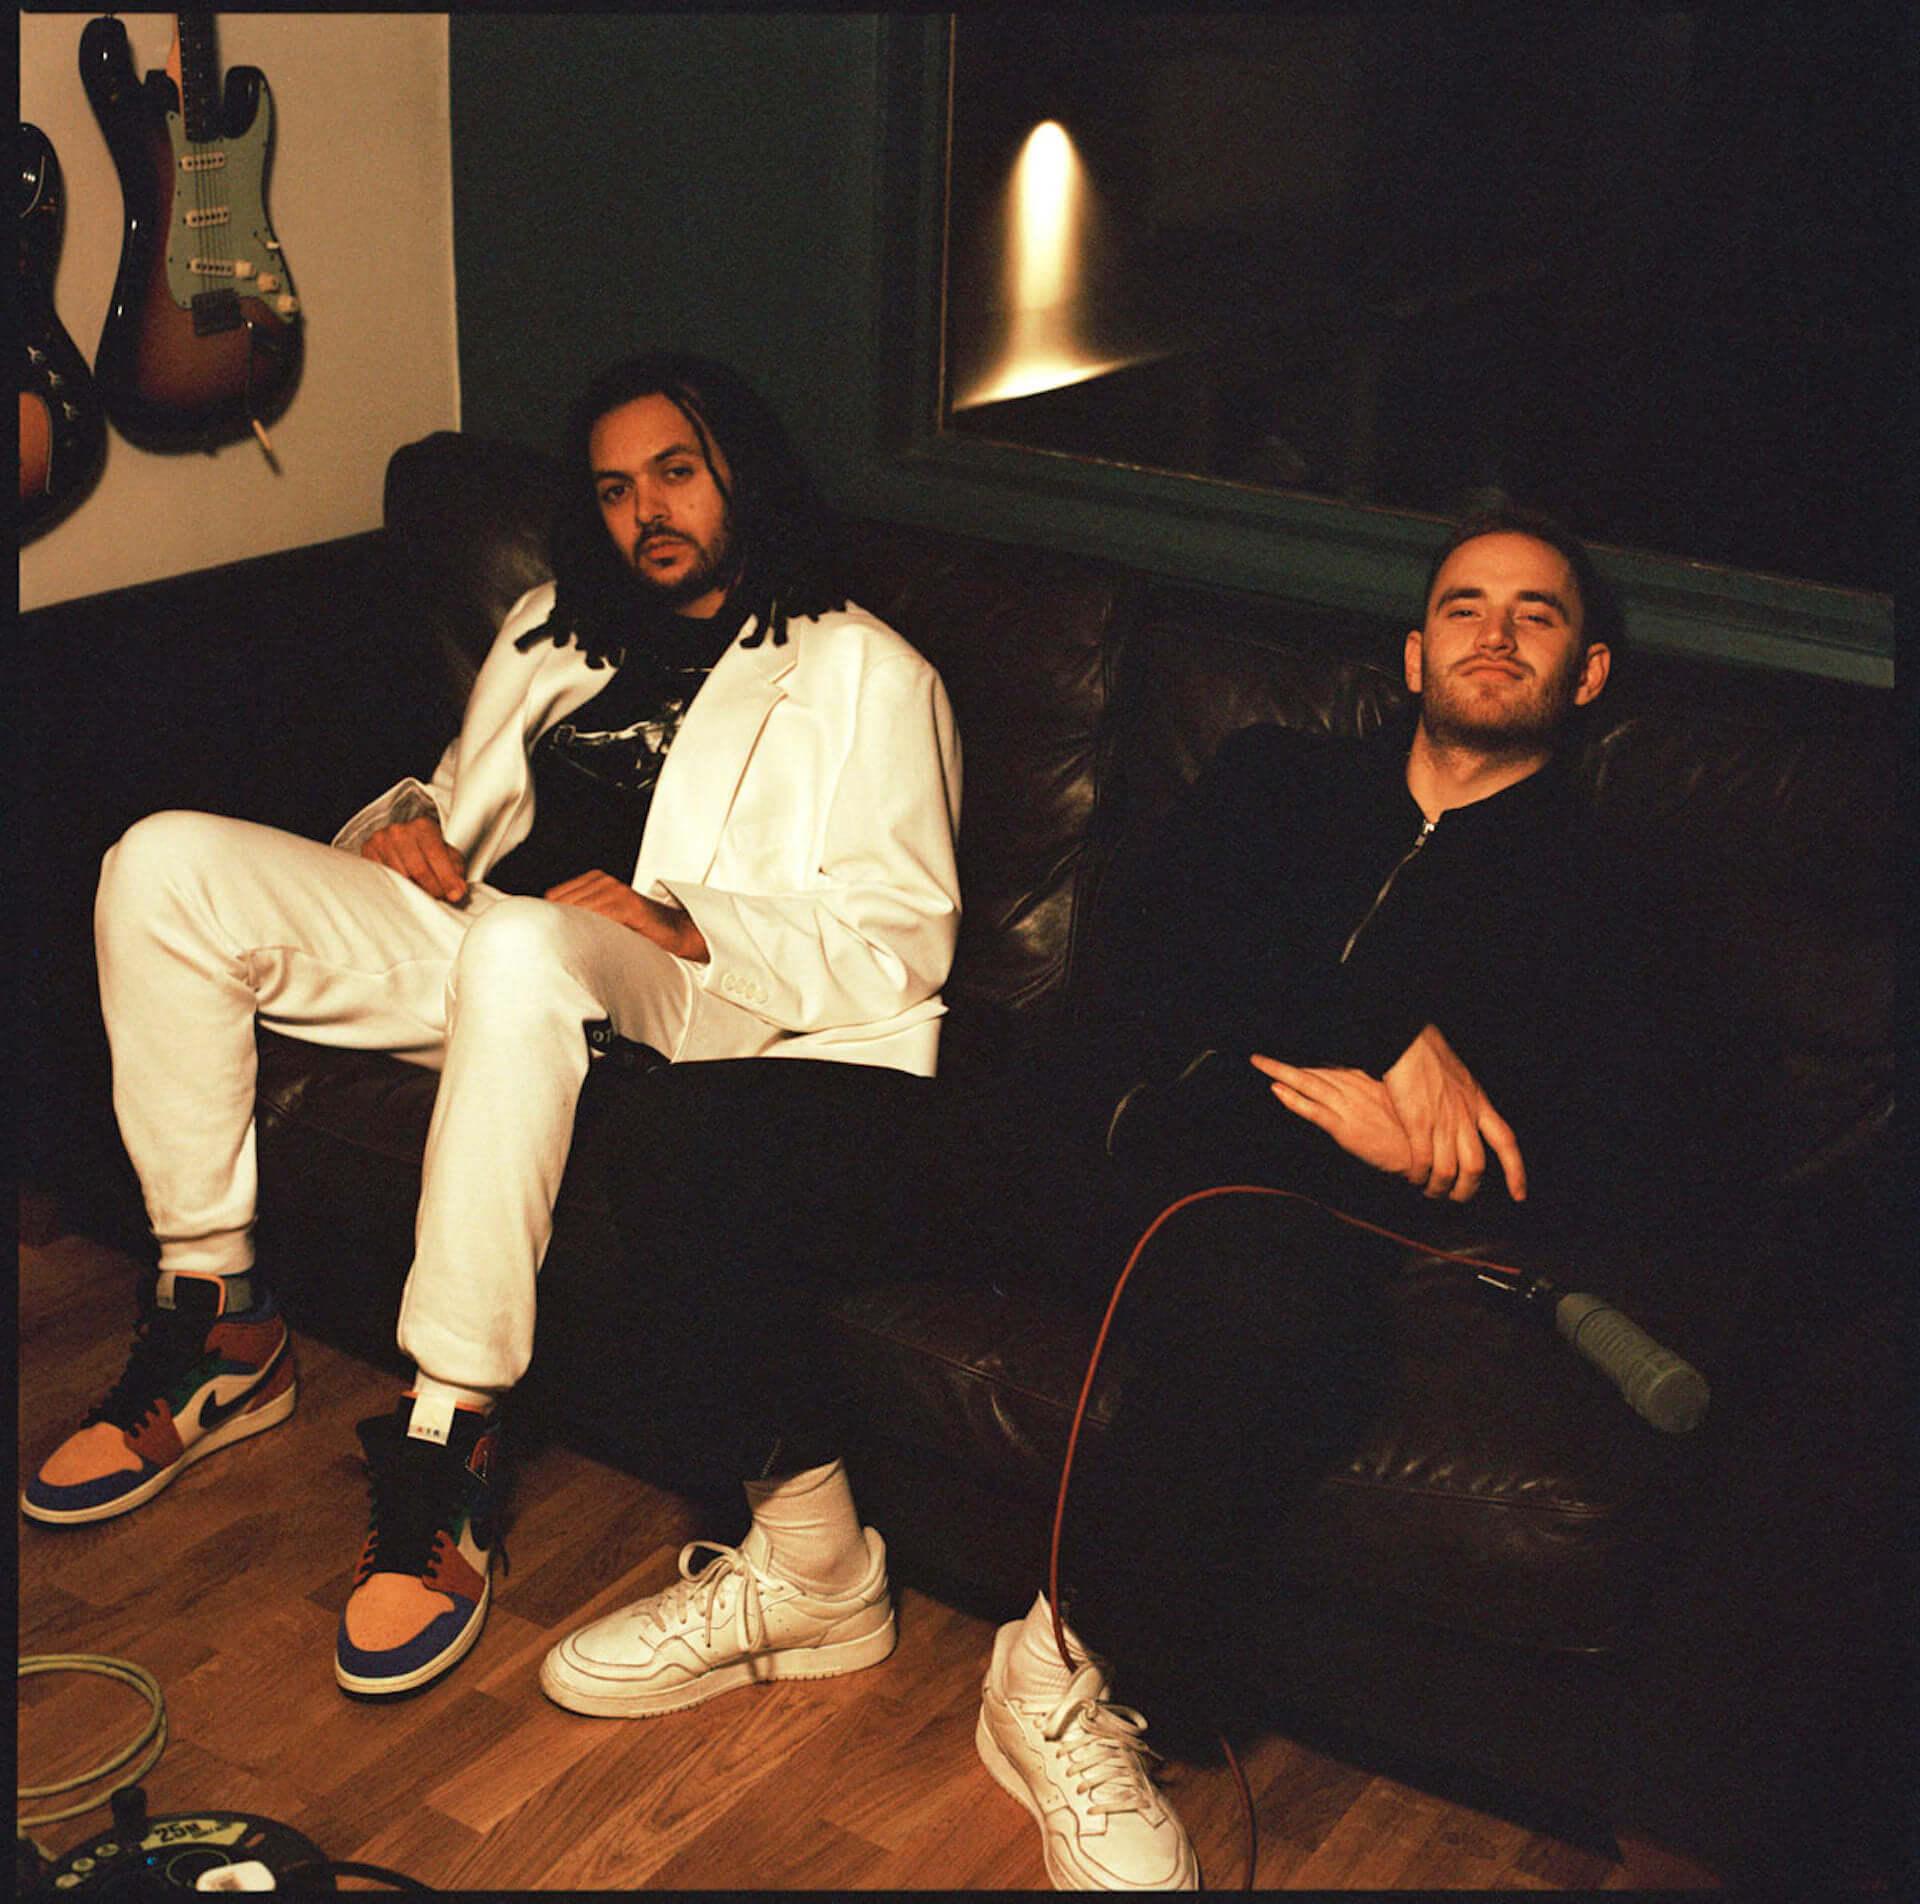 Tom Mischと天才ドラマーYussef Dayesのコラボアルバム『What Kinda Music』からタイトルトラックのMVが解禁!2人のコメントも到着 music200213_whatkindamusic_1-1920x1904